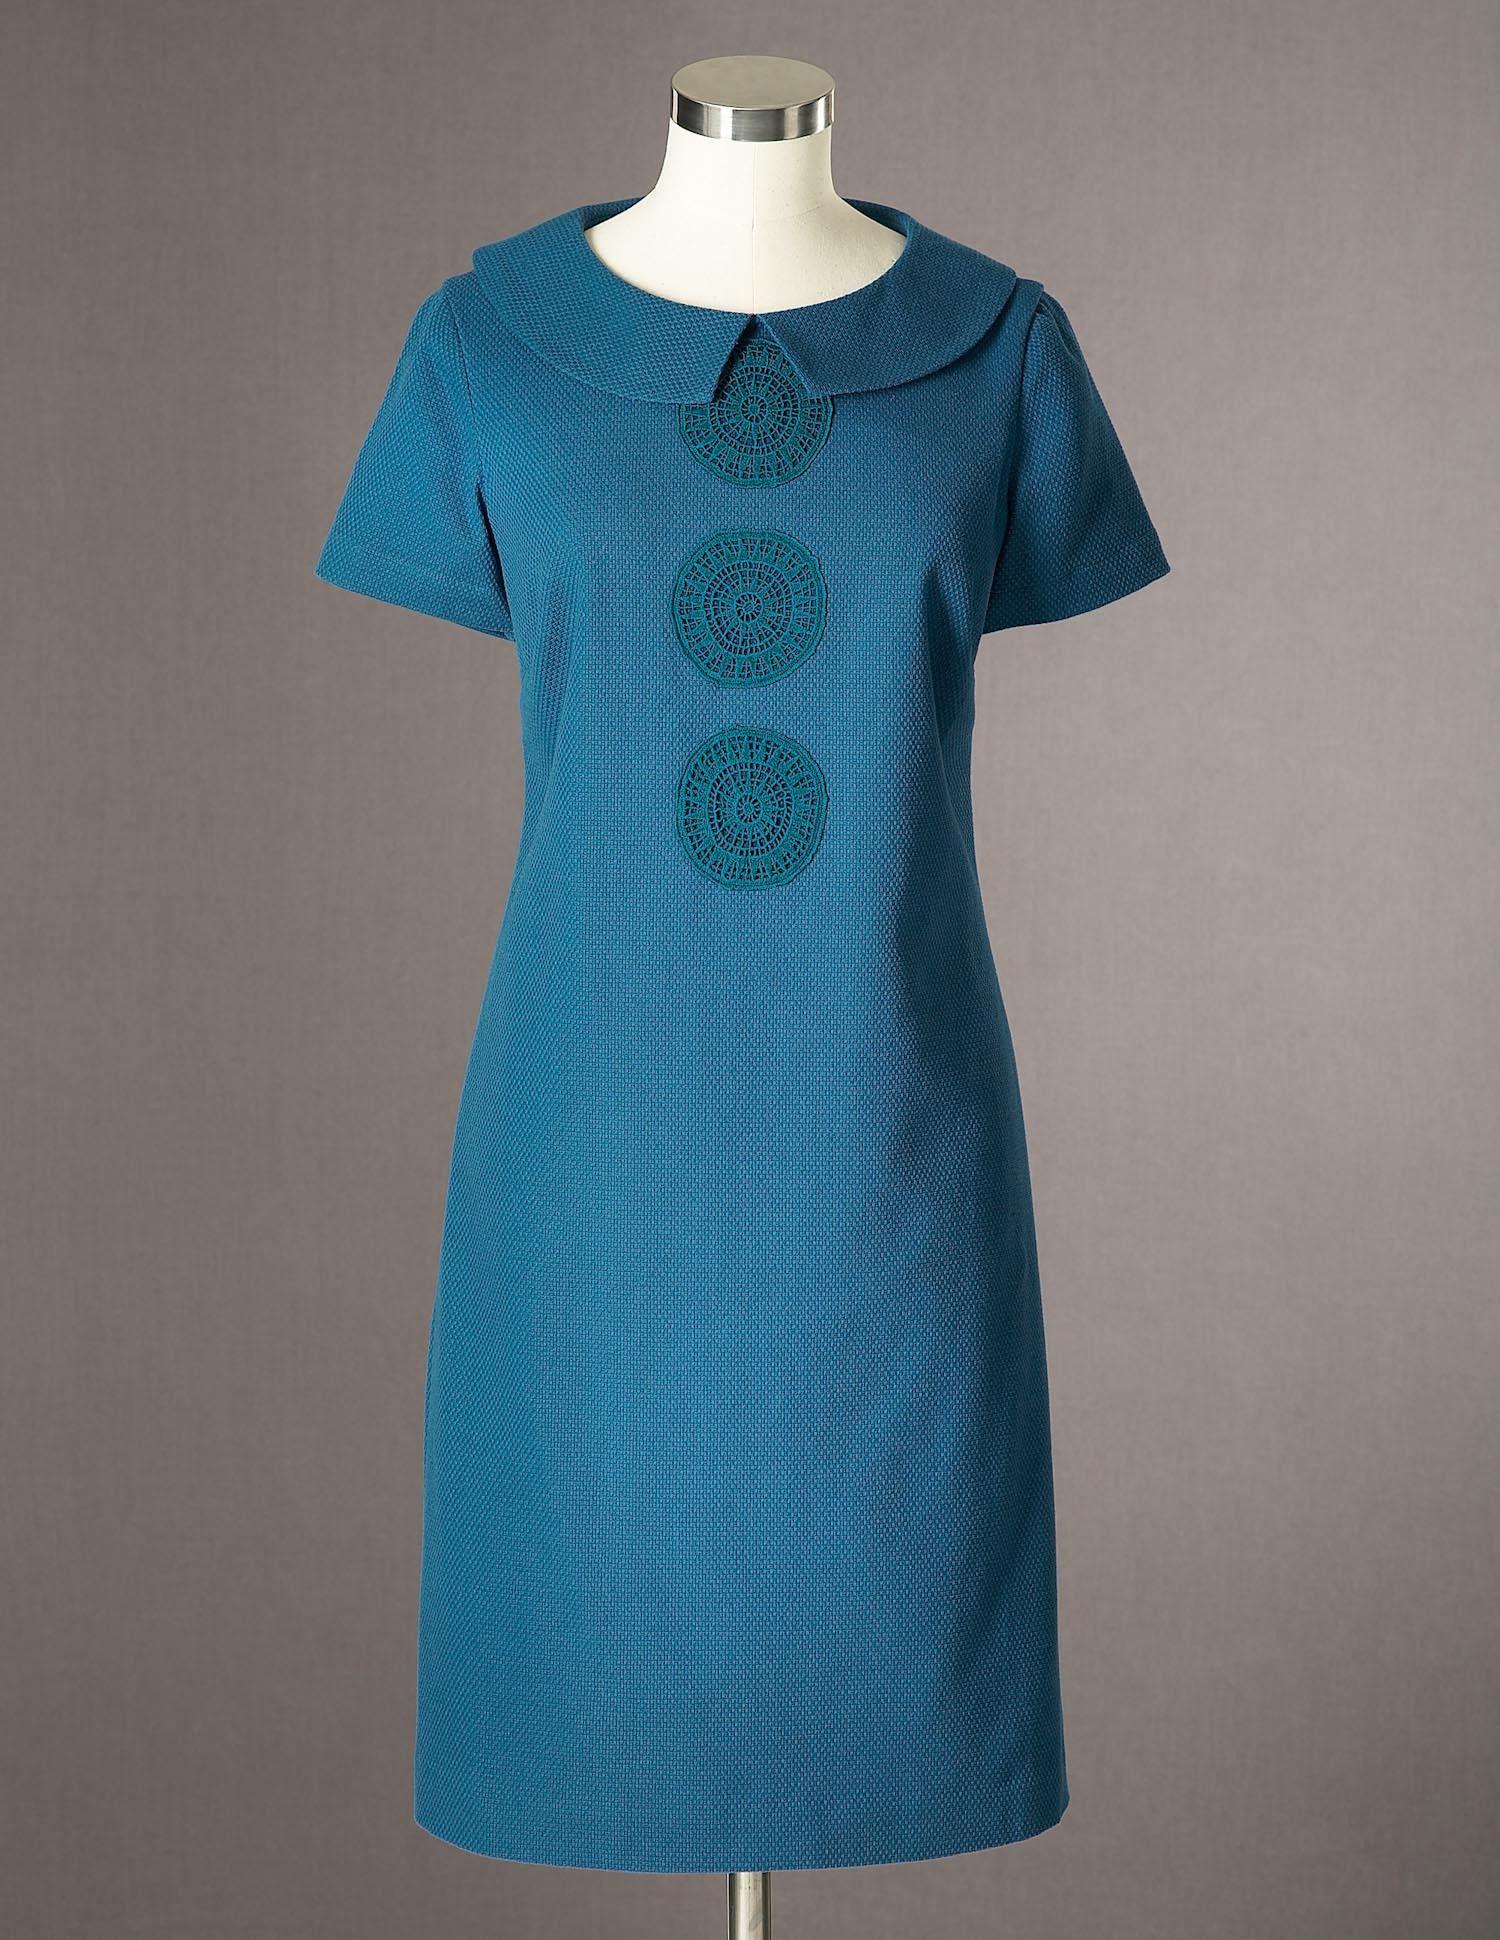 Colette Kleid Von Boden Avec Images Mode